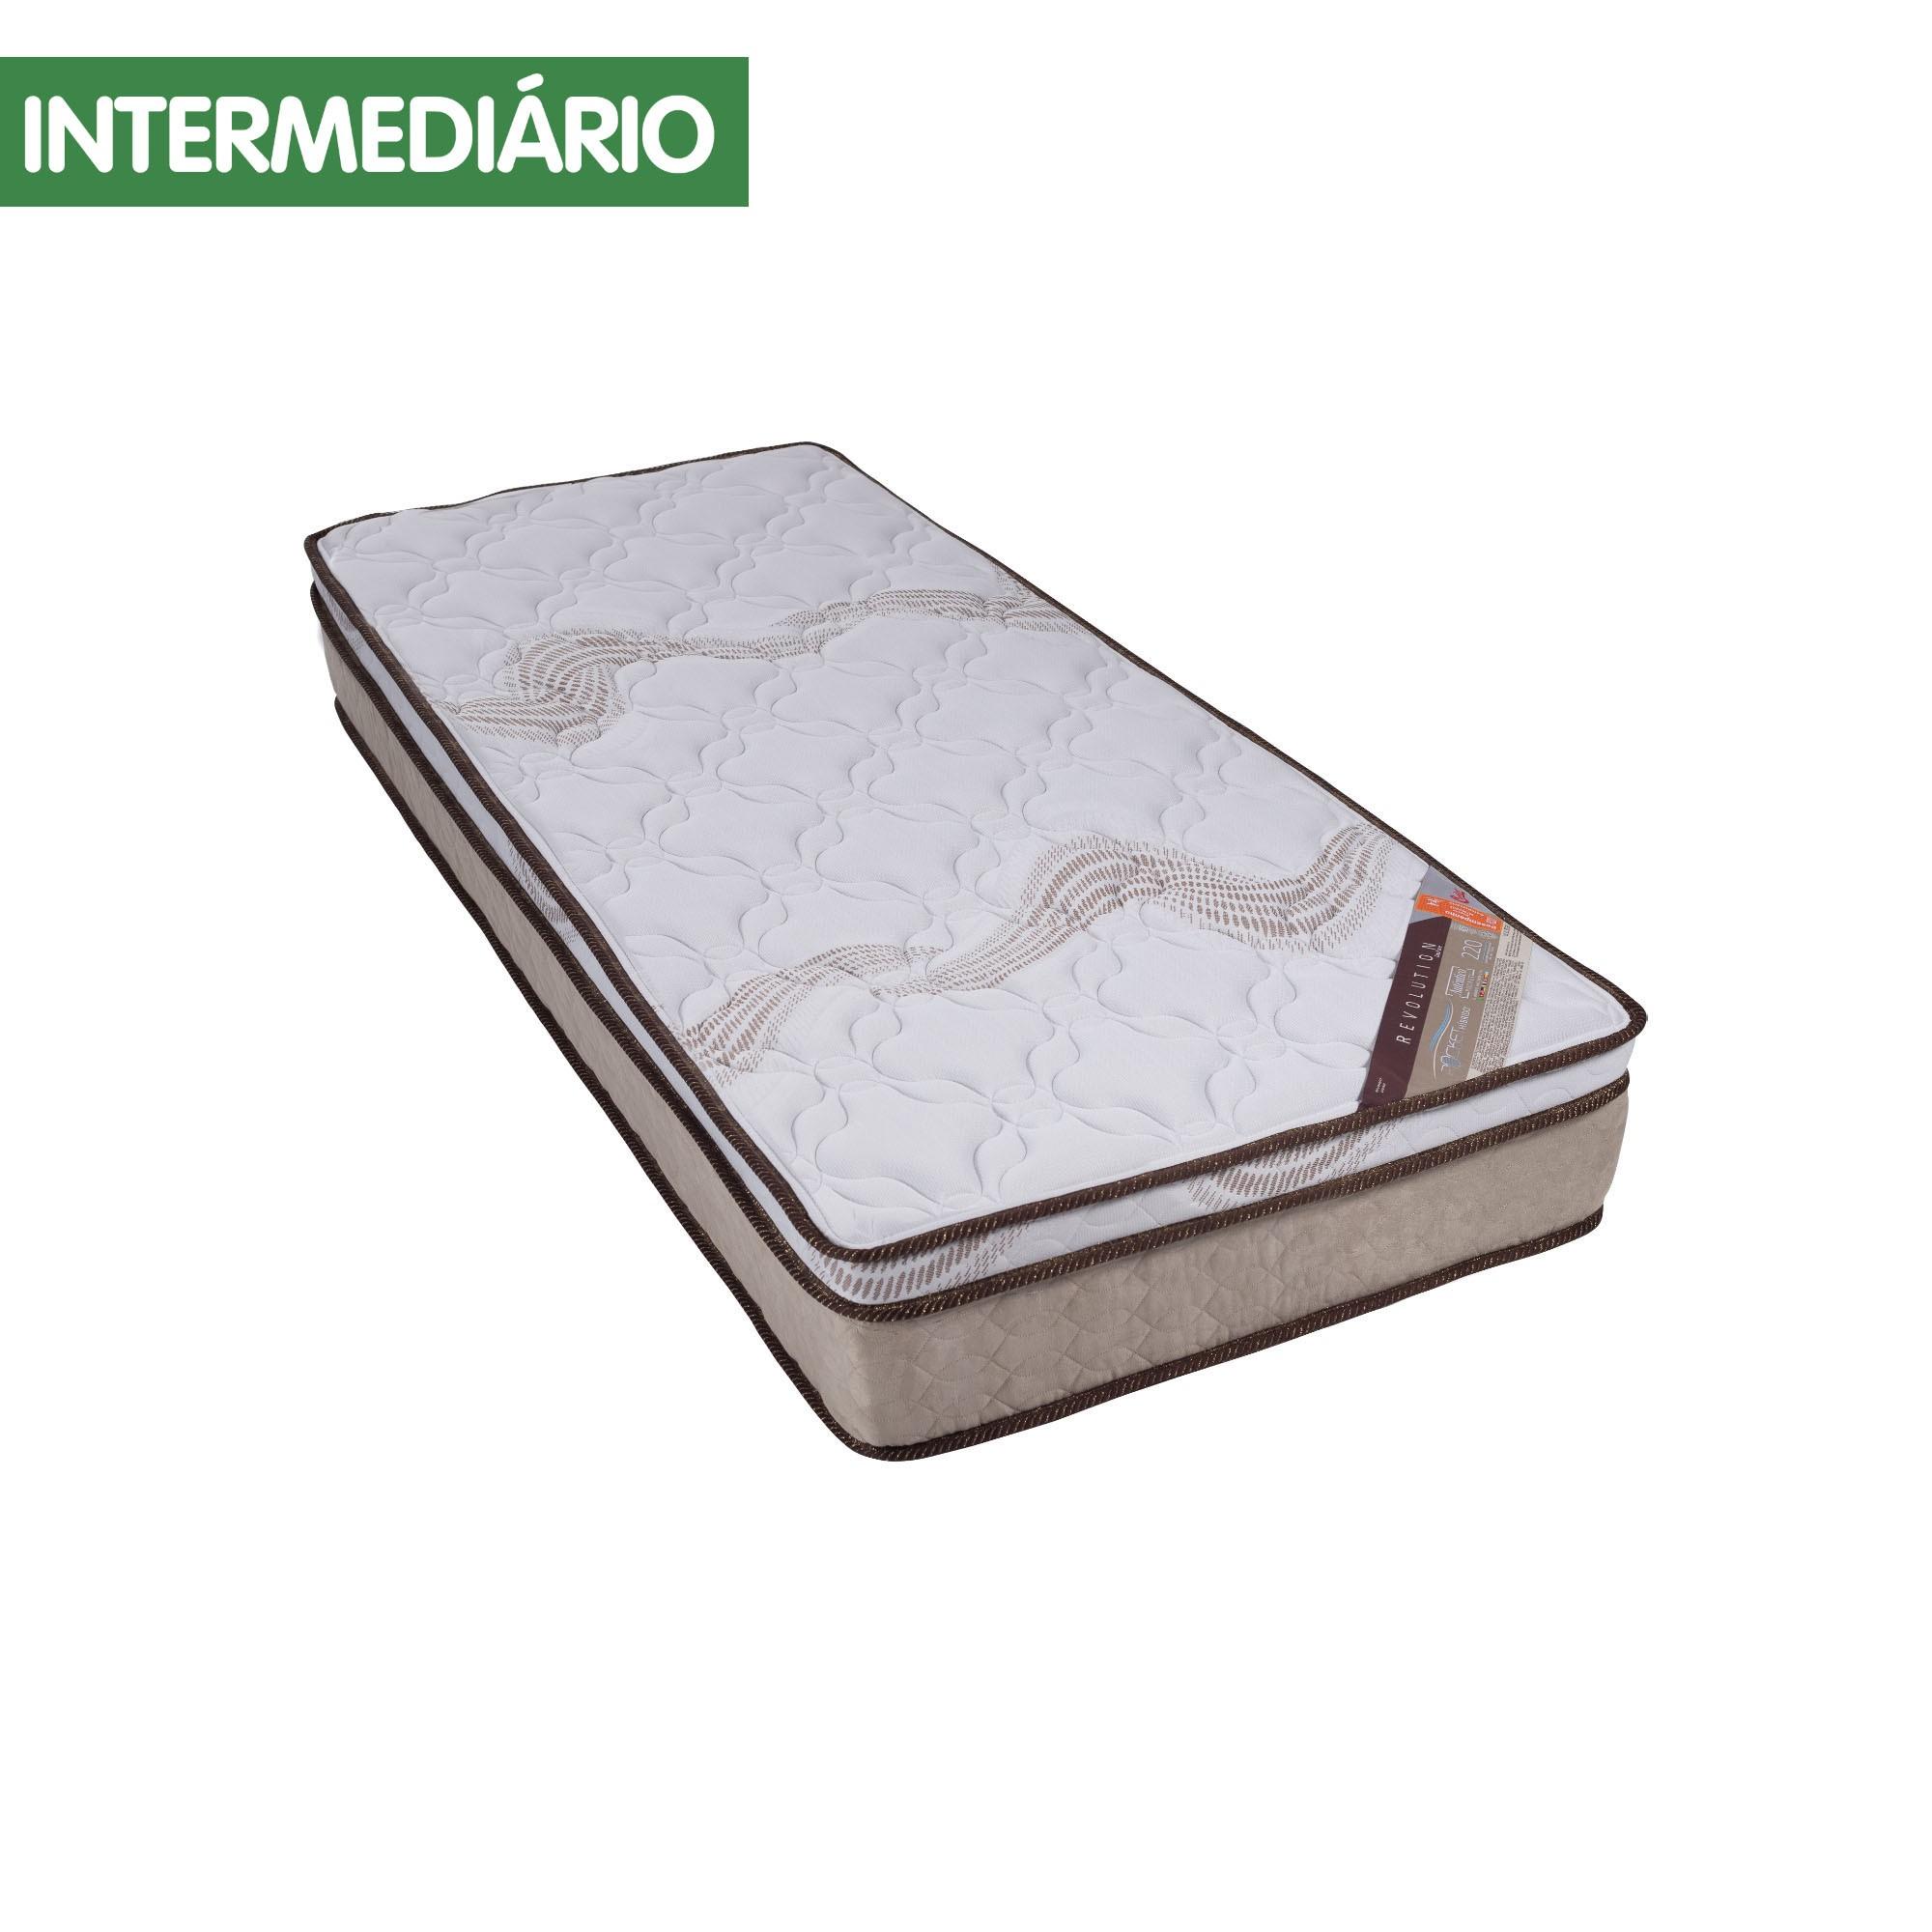 Colchão Castor Revolution Tecnopedic 30 cm [Solteiro 088 x 188 cm]